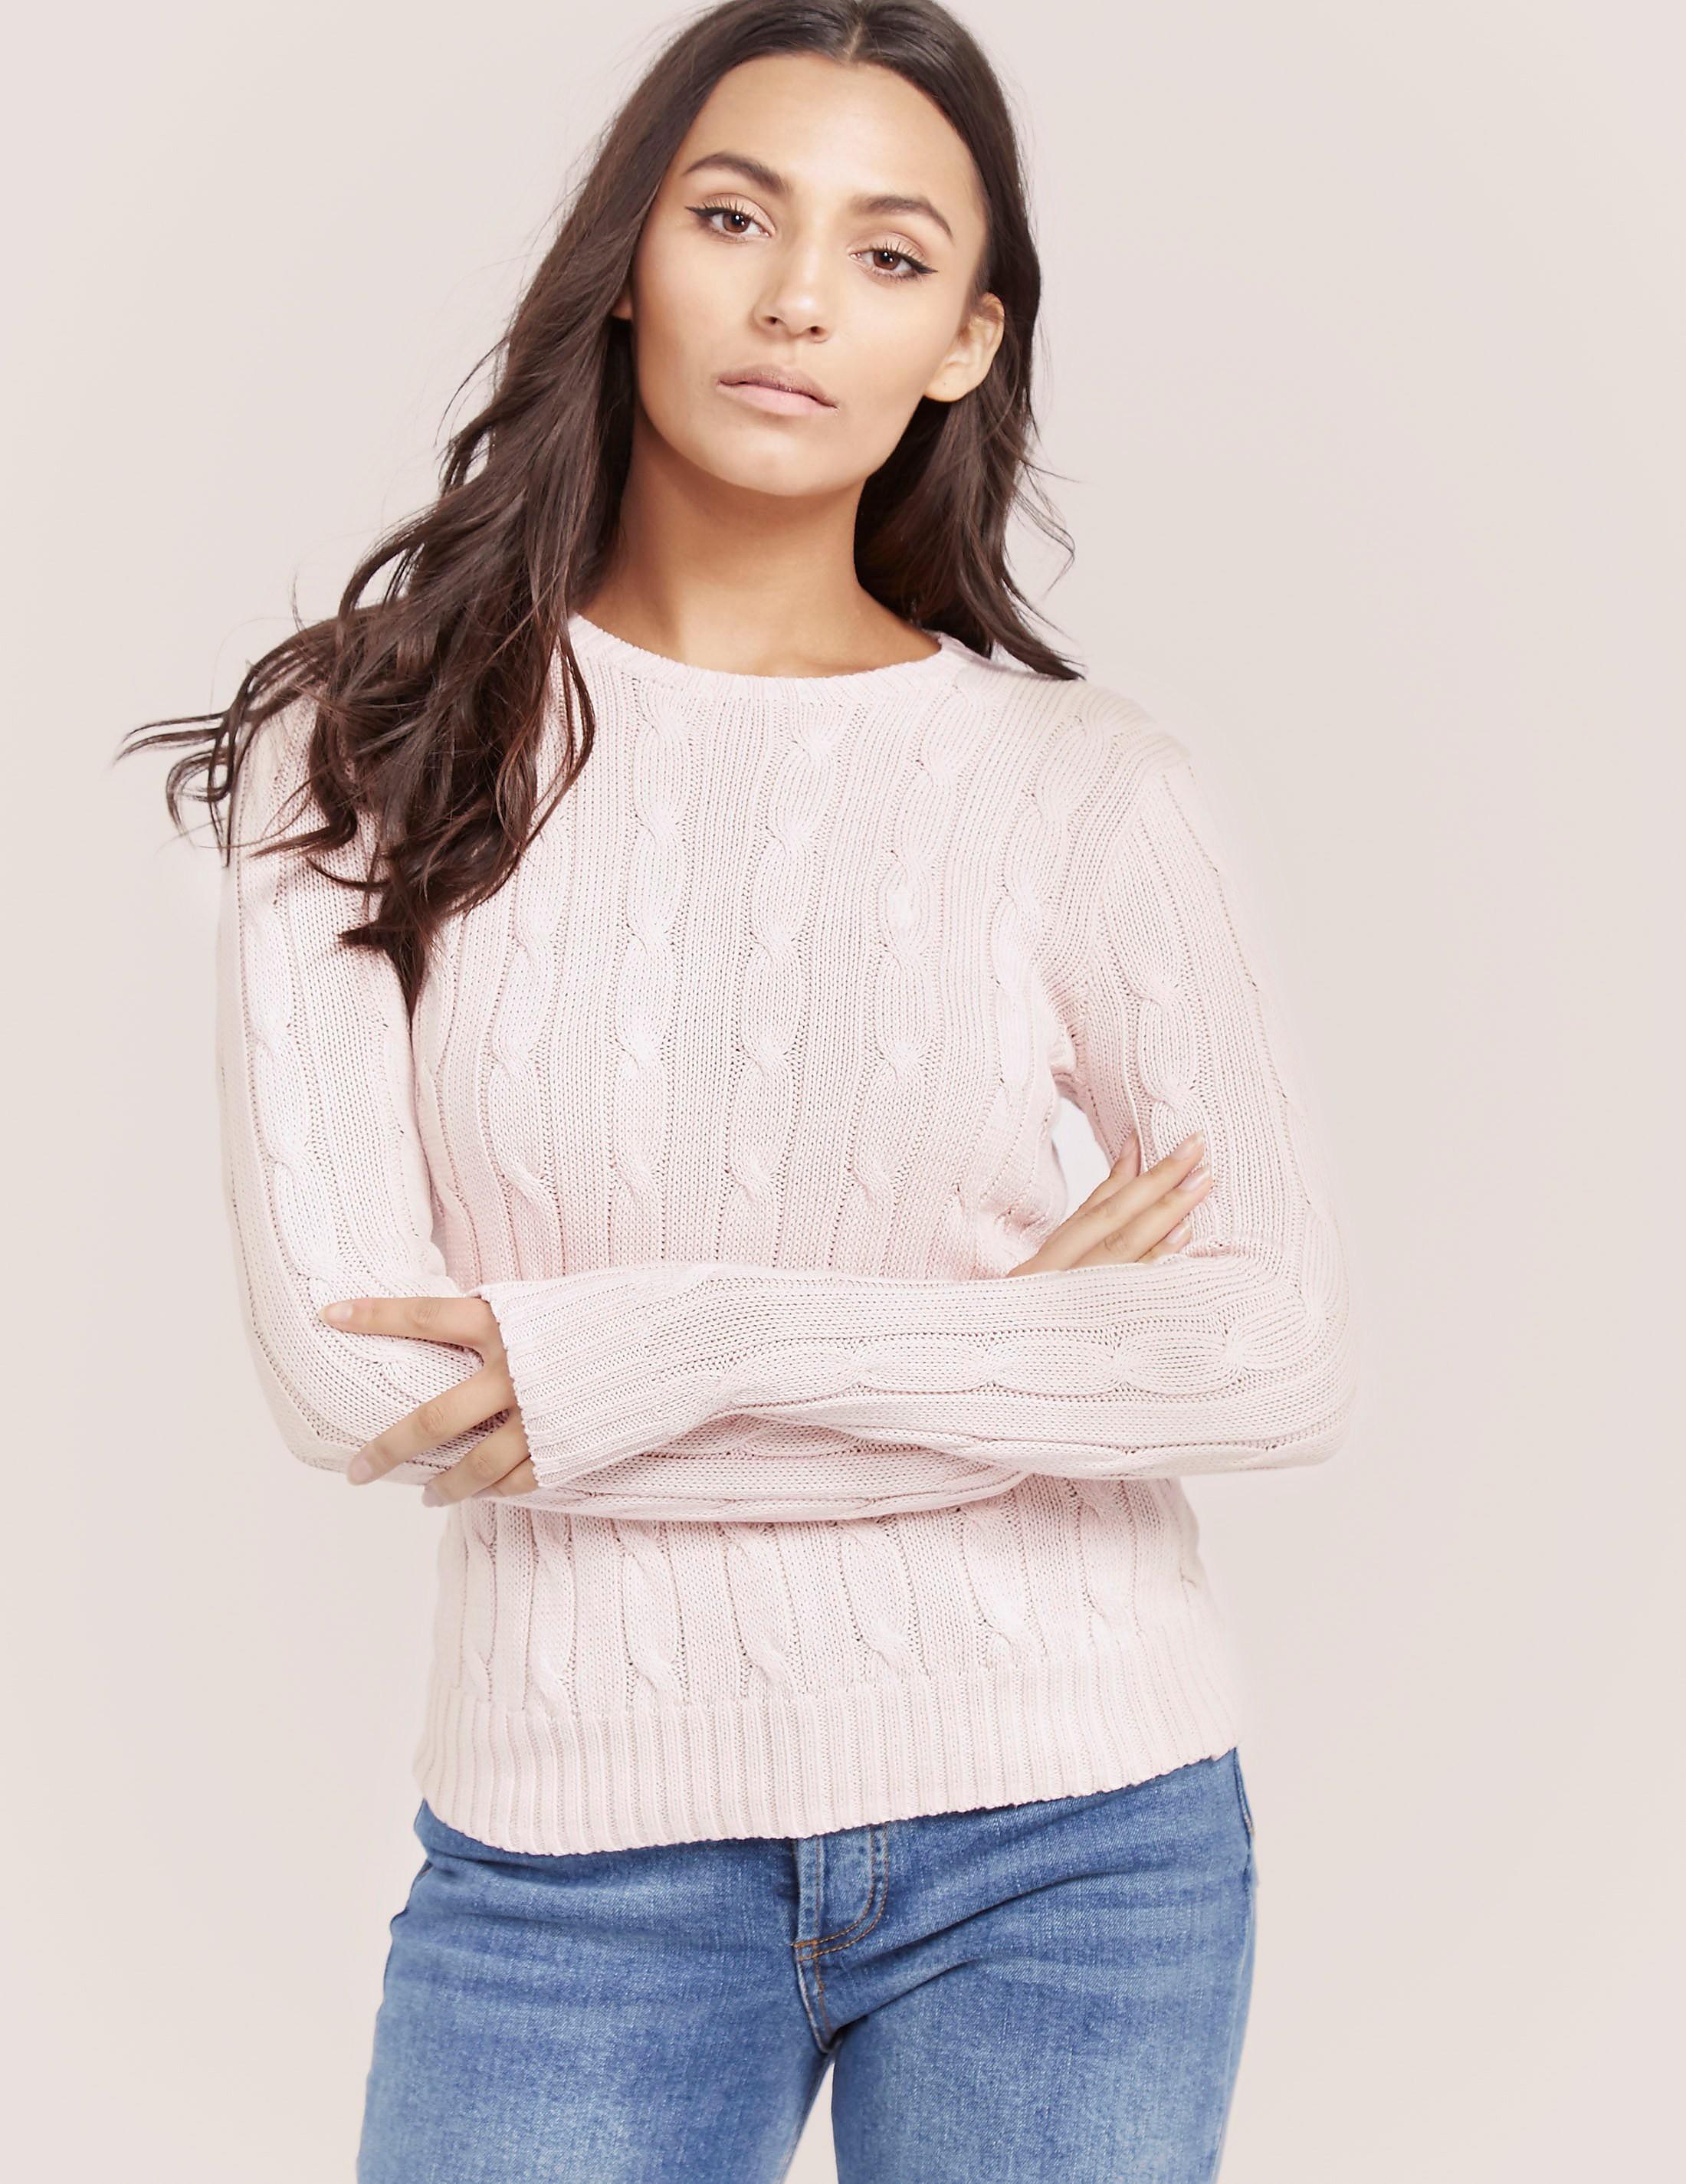 Polo Ralph Lauren Julianna Crew Sweater